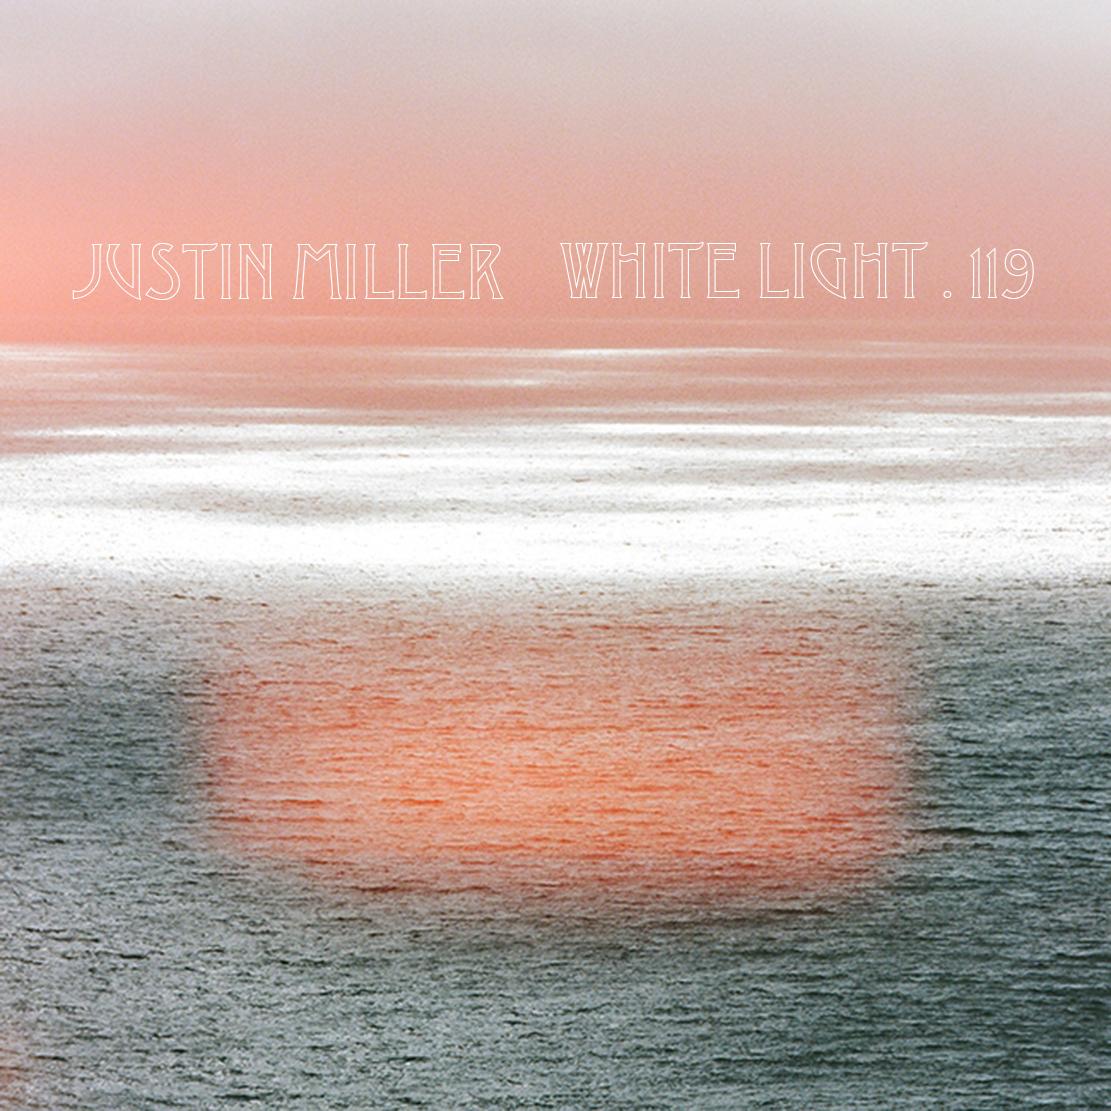 White Light 119 - Justin Miller